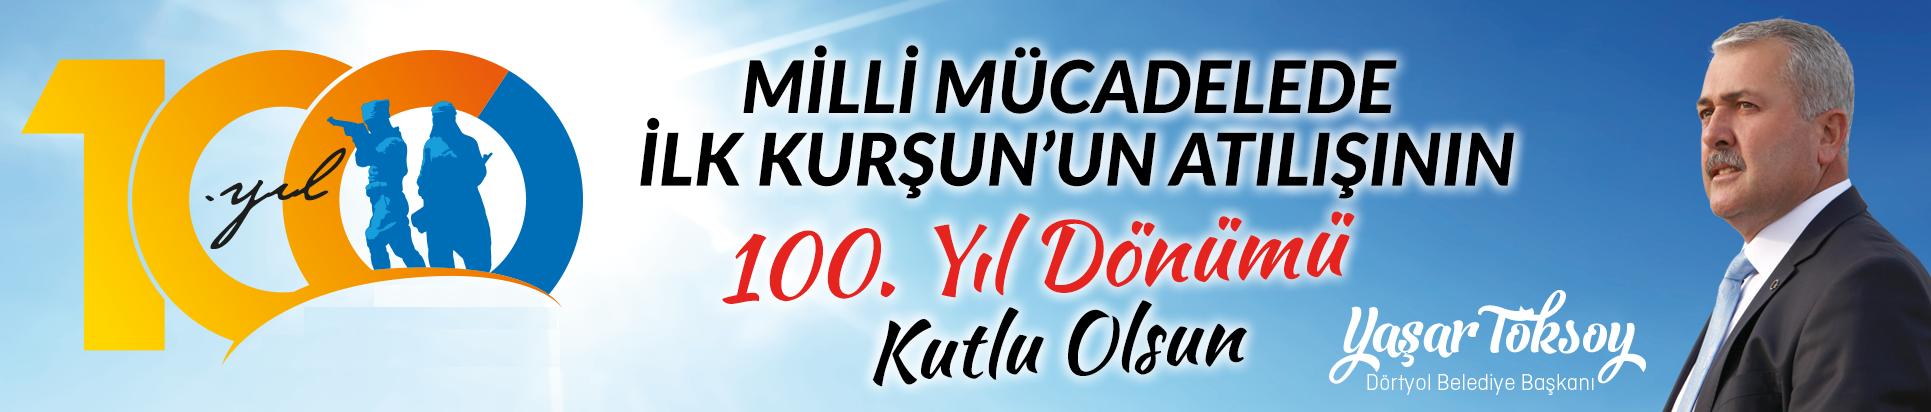 Milli Mücadelede İlk Kurşun'un Atılışının 100. Yıl Dönümü Kurlu Olsun. Yaşar Toksoy Dörtyol Belediye Başkanı